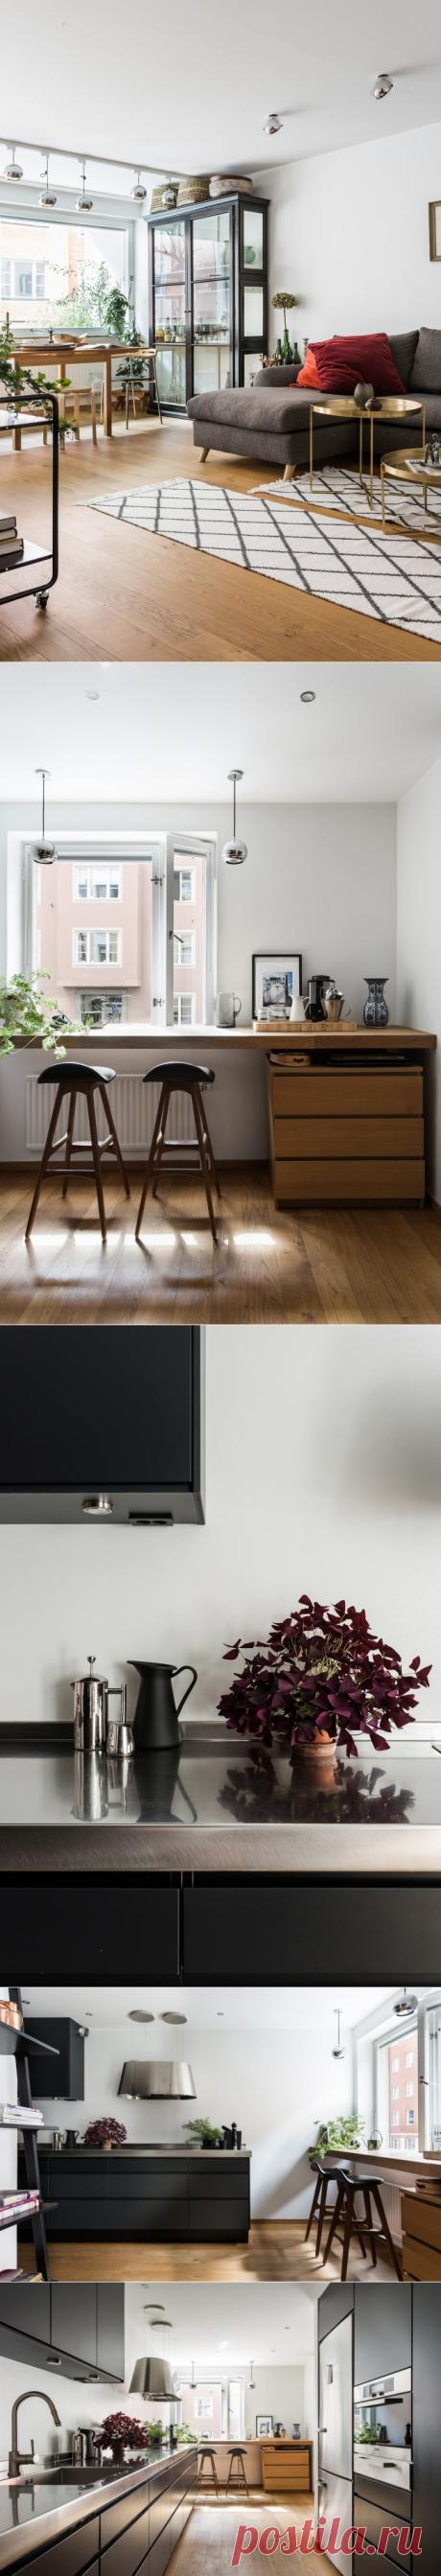 Квартира 85 кв.м. - Дизайн интерьеров | Идеи вашего дома | Lodgers